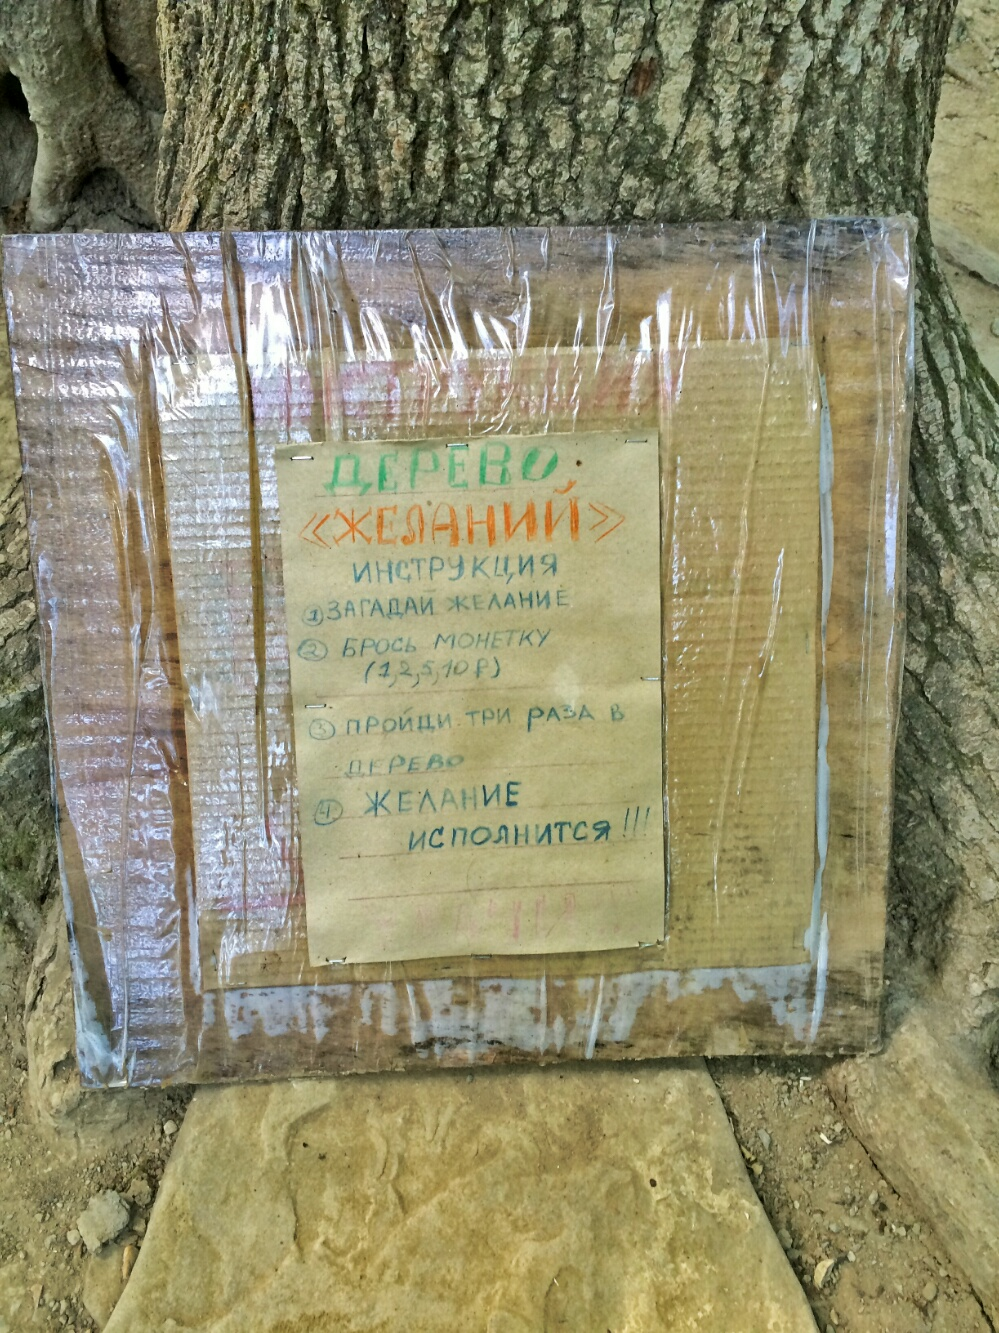 Инструкция по использованию дерева Желаний